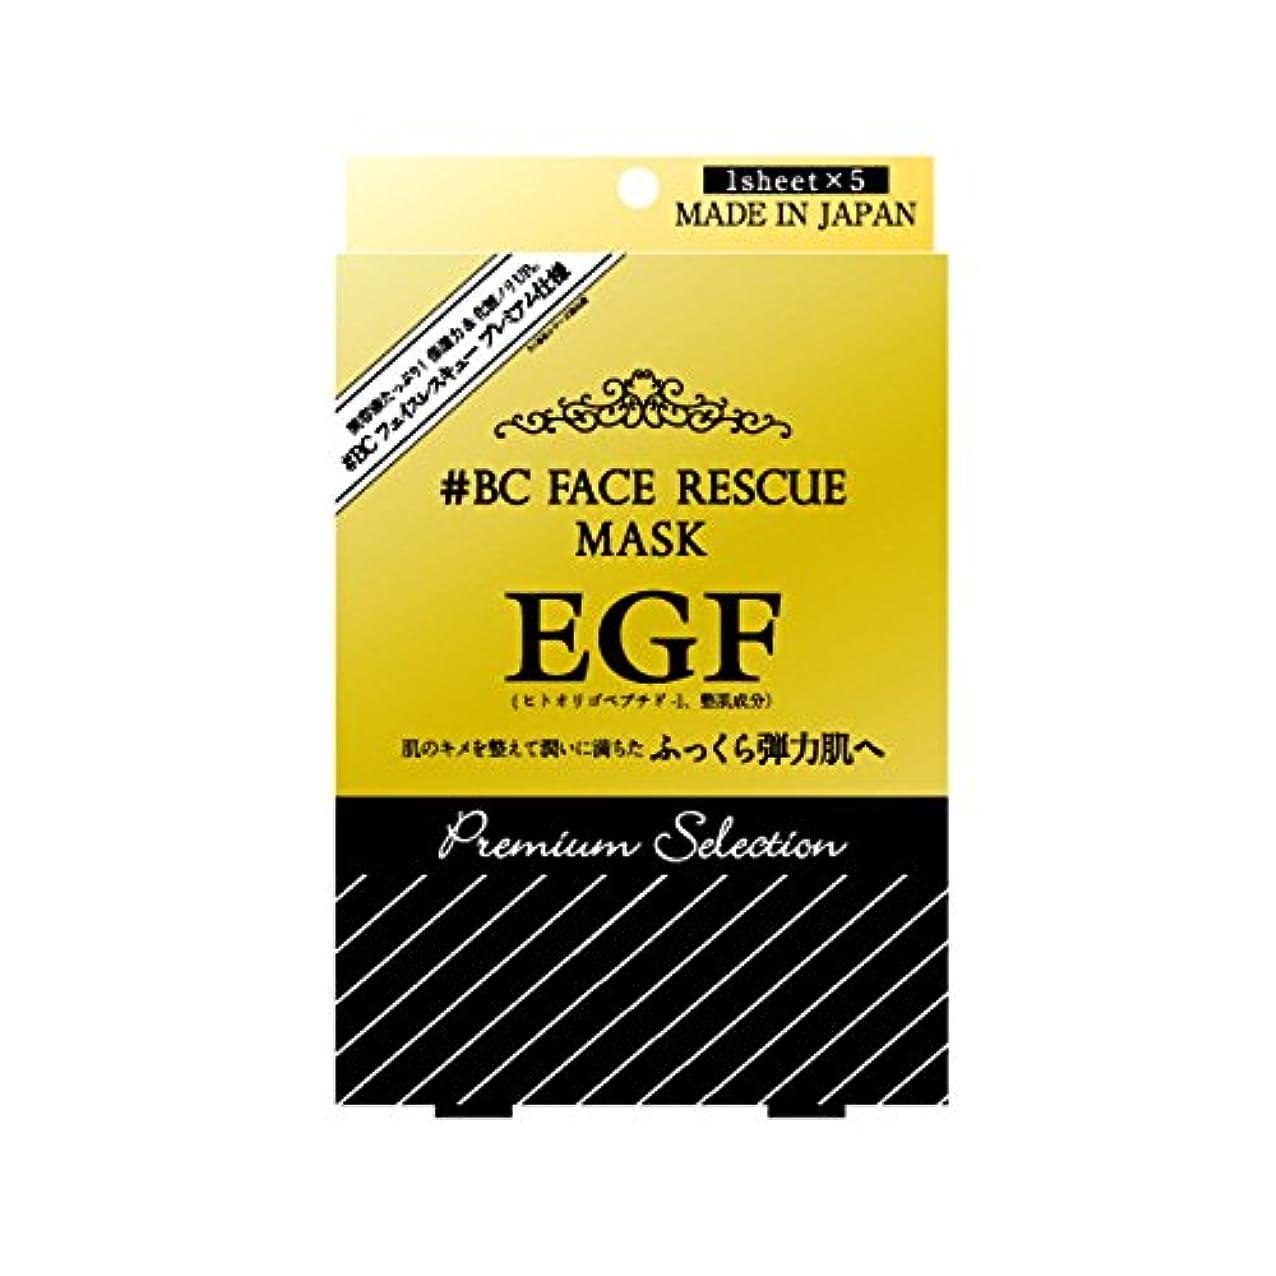 ぴかぴか改善する暴露するEGF フェイスレスキューマスク PS 1箱(25ml×5枚)